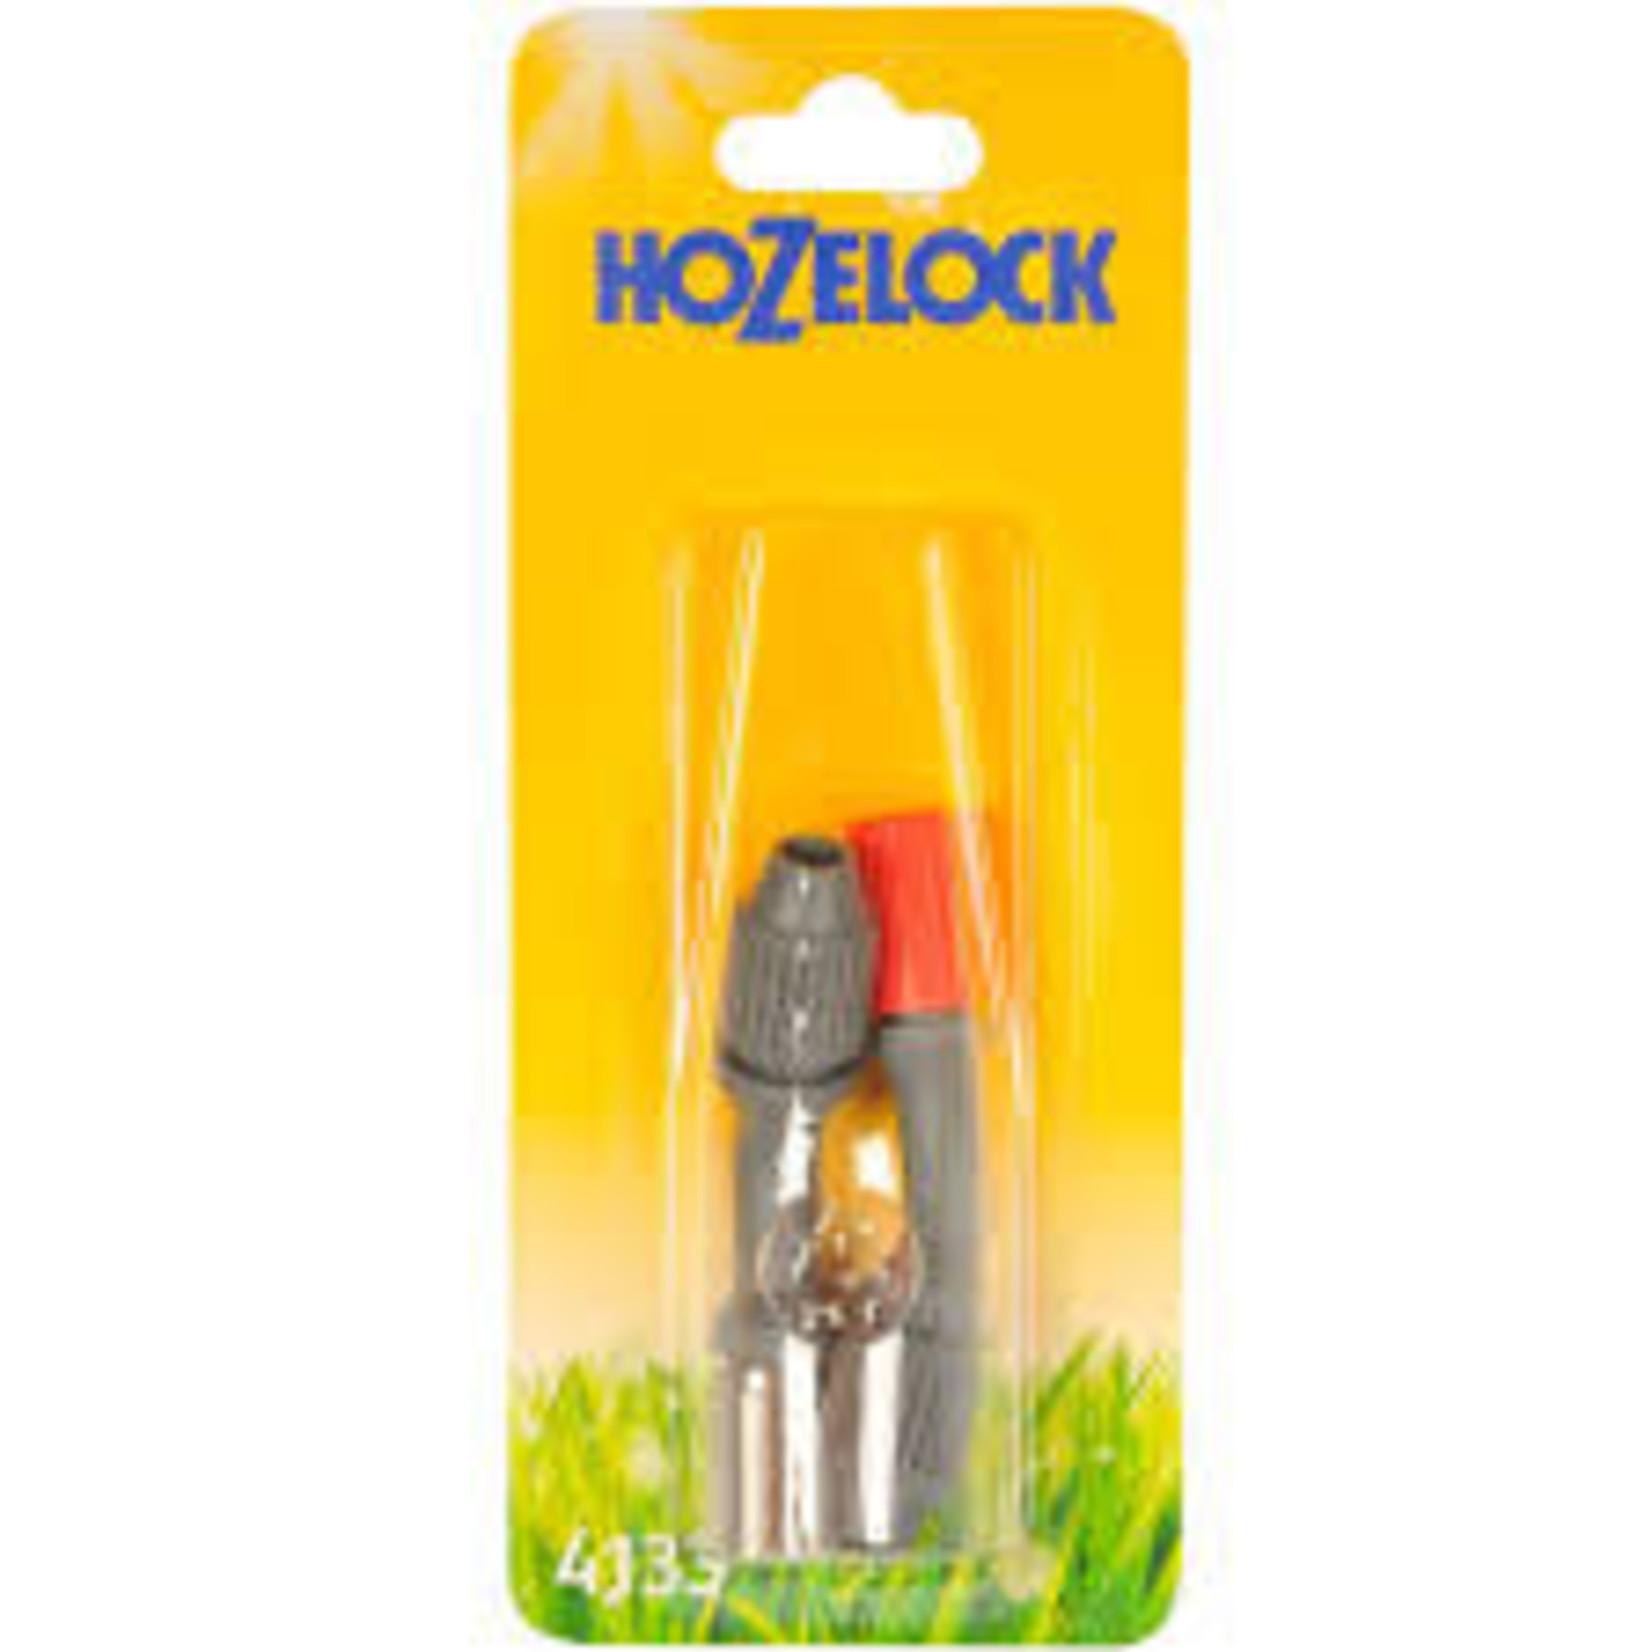 Hozelock HOZELOCK PRO SPRAY NOZZLE SET 4133